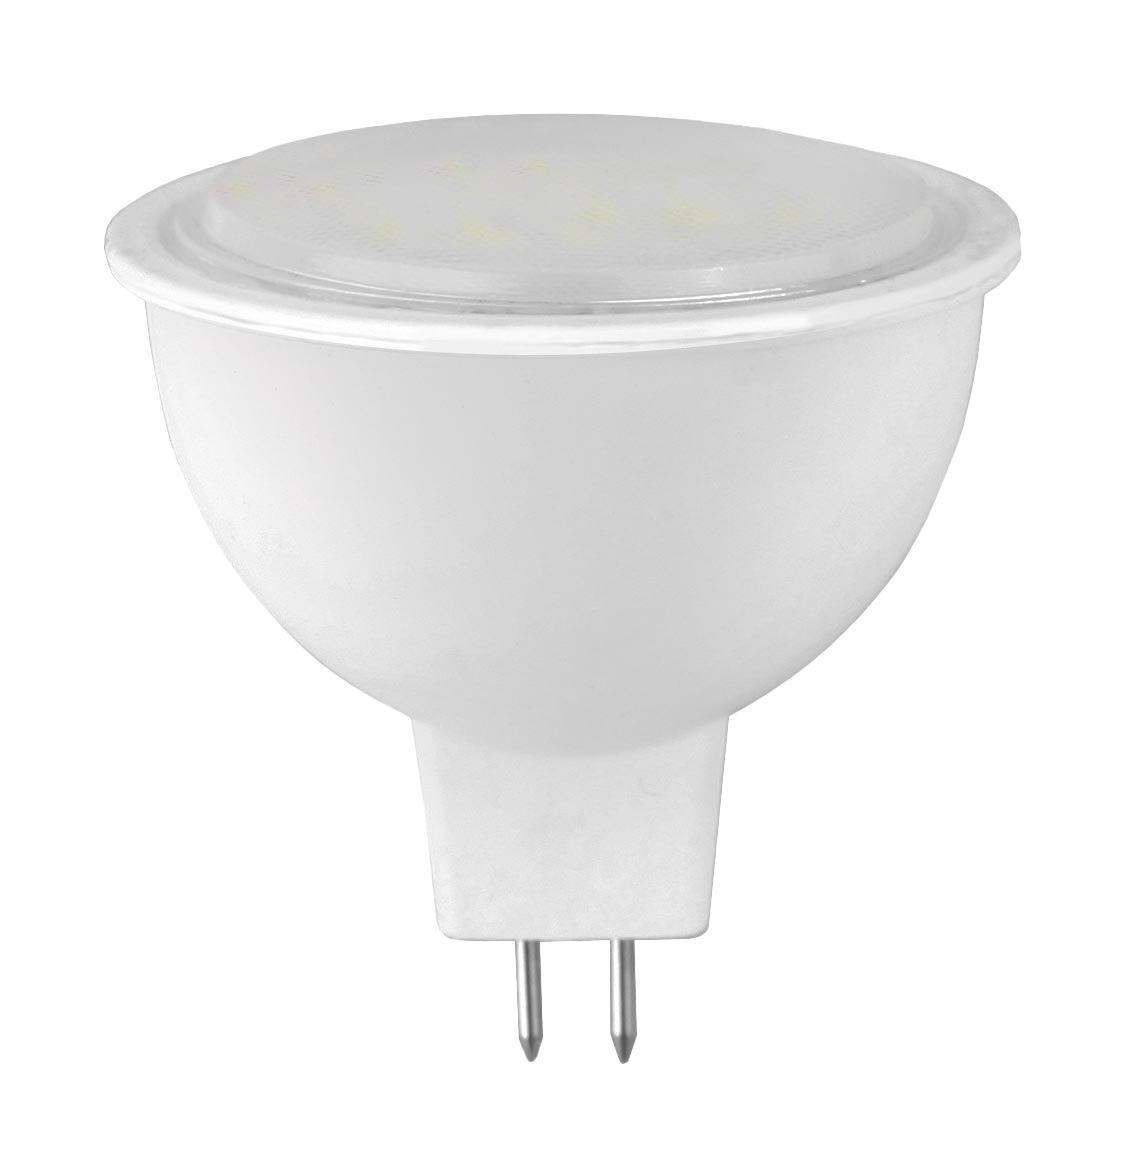 Camelion LED5-JCDR/830/GU5.3 светодиодная лампа, 5ВтLED5-JCDR/830/GU5.3Высокая вибро- и ударопрочность - отсутствуют нить накаливания и хрупкие стеклянные трубки. Широкий температурный диапазон эксплуатации (от -30 C до +40 C) - возможность использования ламп вне помещений. Могут применяться как для основного, так и для акцентированного освещения. Экономия электроэнергии до 90% без ущерба для освещенности и качества света по сравнению с обычными лампами накаливания такой же яркости. Мгновенное включение и выход на полную яркость. Светодиодные лампы для точечных светильников - это замена традиционных и повсеместно используемых галогенных ламп типа JCDR. Отличительной особенностью светодиодных ламп точечного света является низкое энергопотребление и почти отсутствие нагрева в процессе эксплуатации. При этом -это лампы с высоким сроком службы 30 000 - 50 000 часов. Если вы хотите экономить, и готовы на начальном этапе потратиться, тогда ваш выбор светодиодное освещение. Если же по каким-то причинам светодиодные источники света вас...